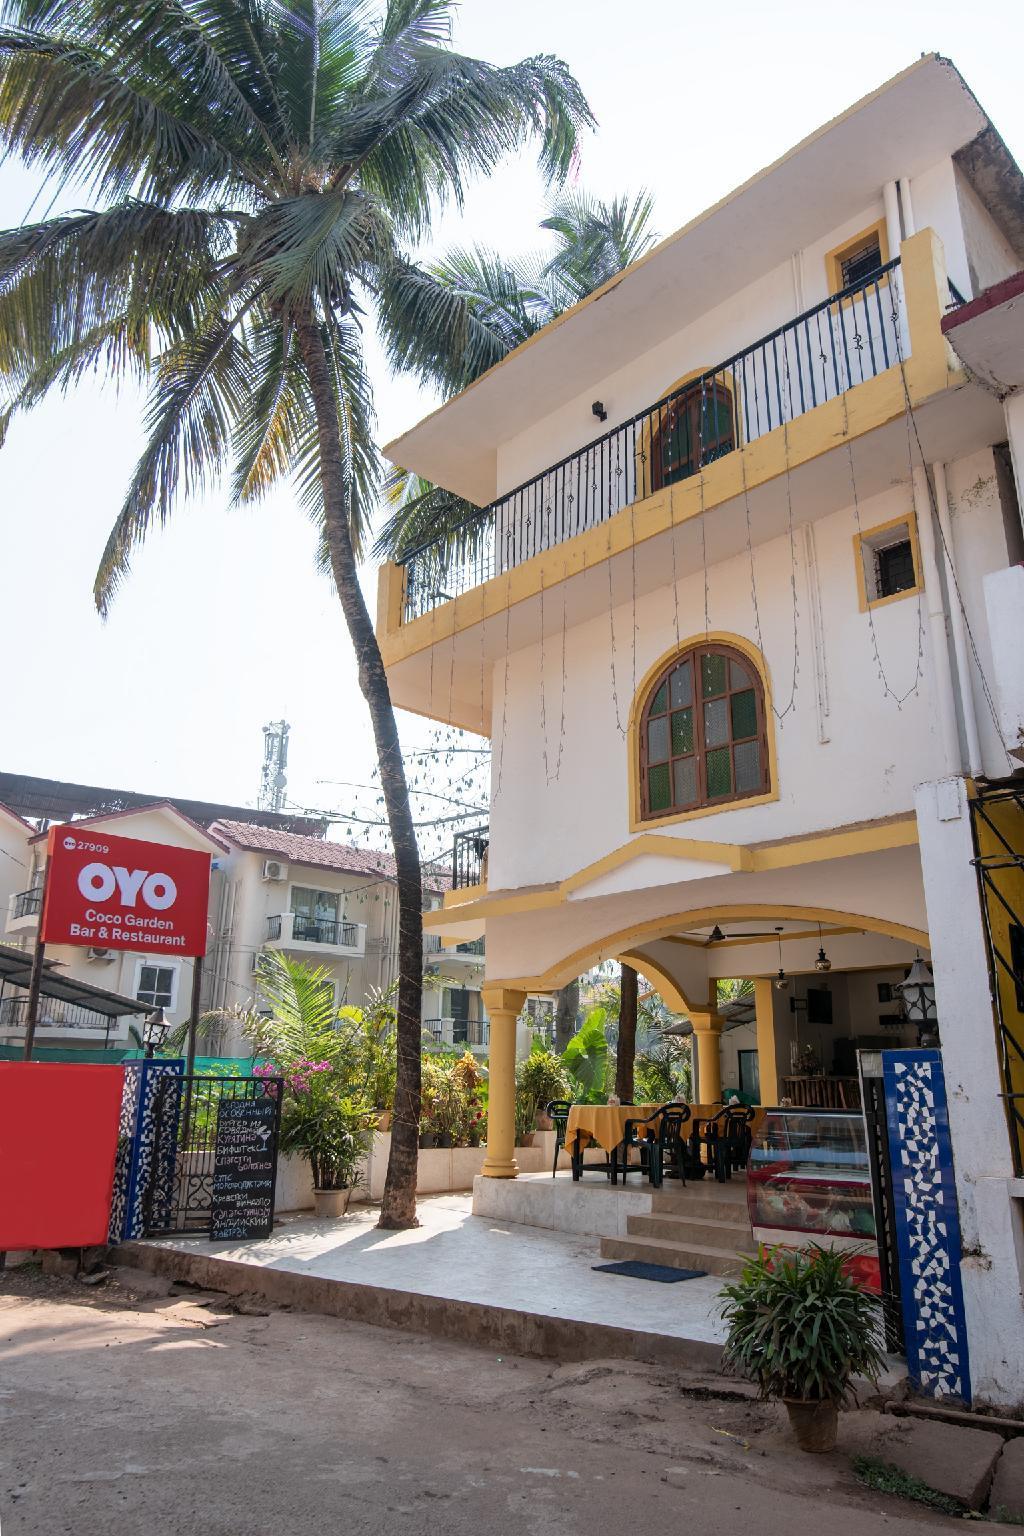 OYO 27909 Coco Garden Bar And Restaurant